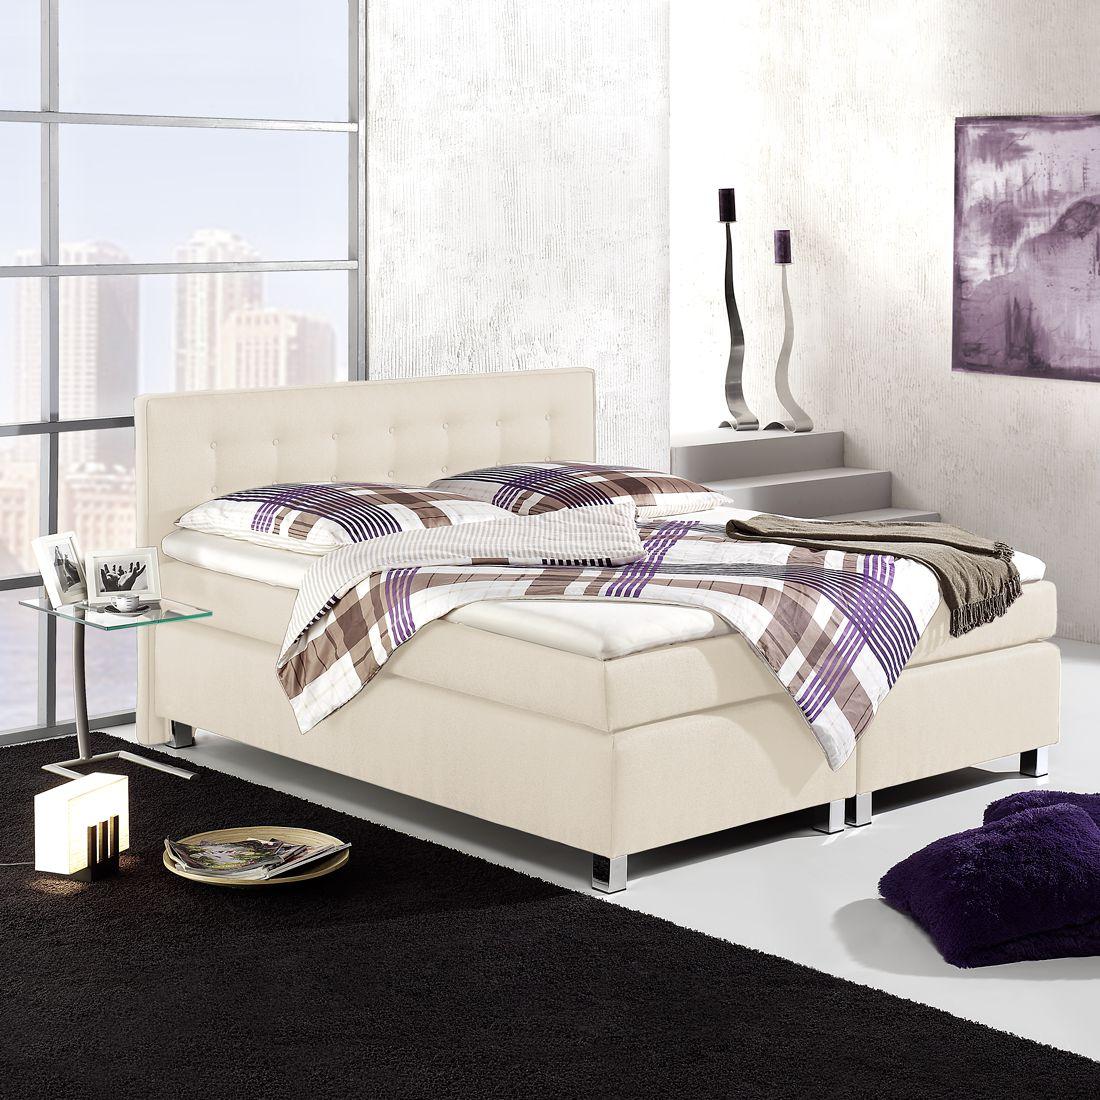 Full Size of Home 24 Teppiche Home24 Teppich Wool Comfort Ombre Phocus Cashback Gutscheine Affaire Sofa Bett Wohnzimmer Big Affair Wohnzimmer Home 24 Teppiche